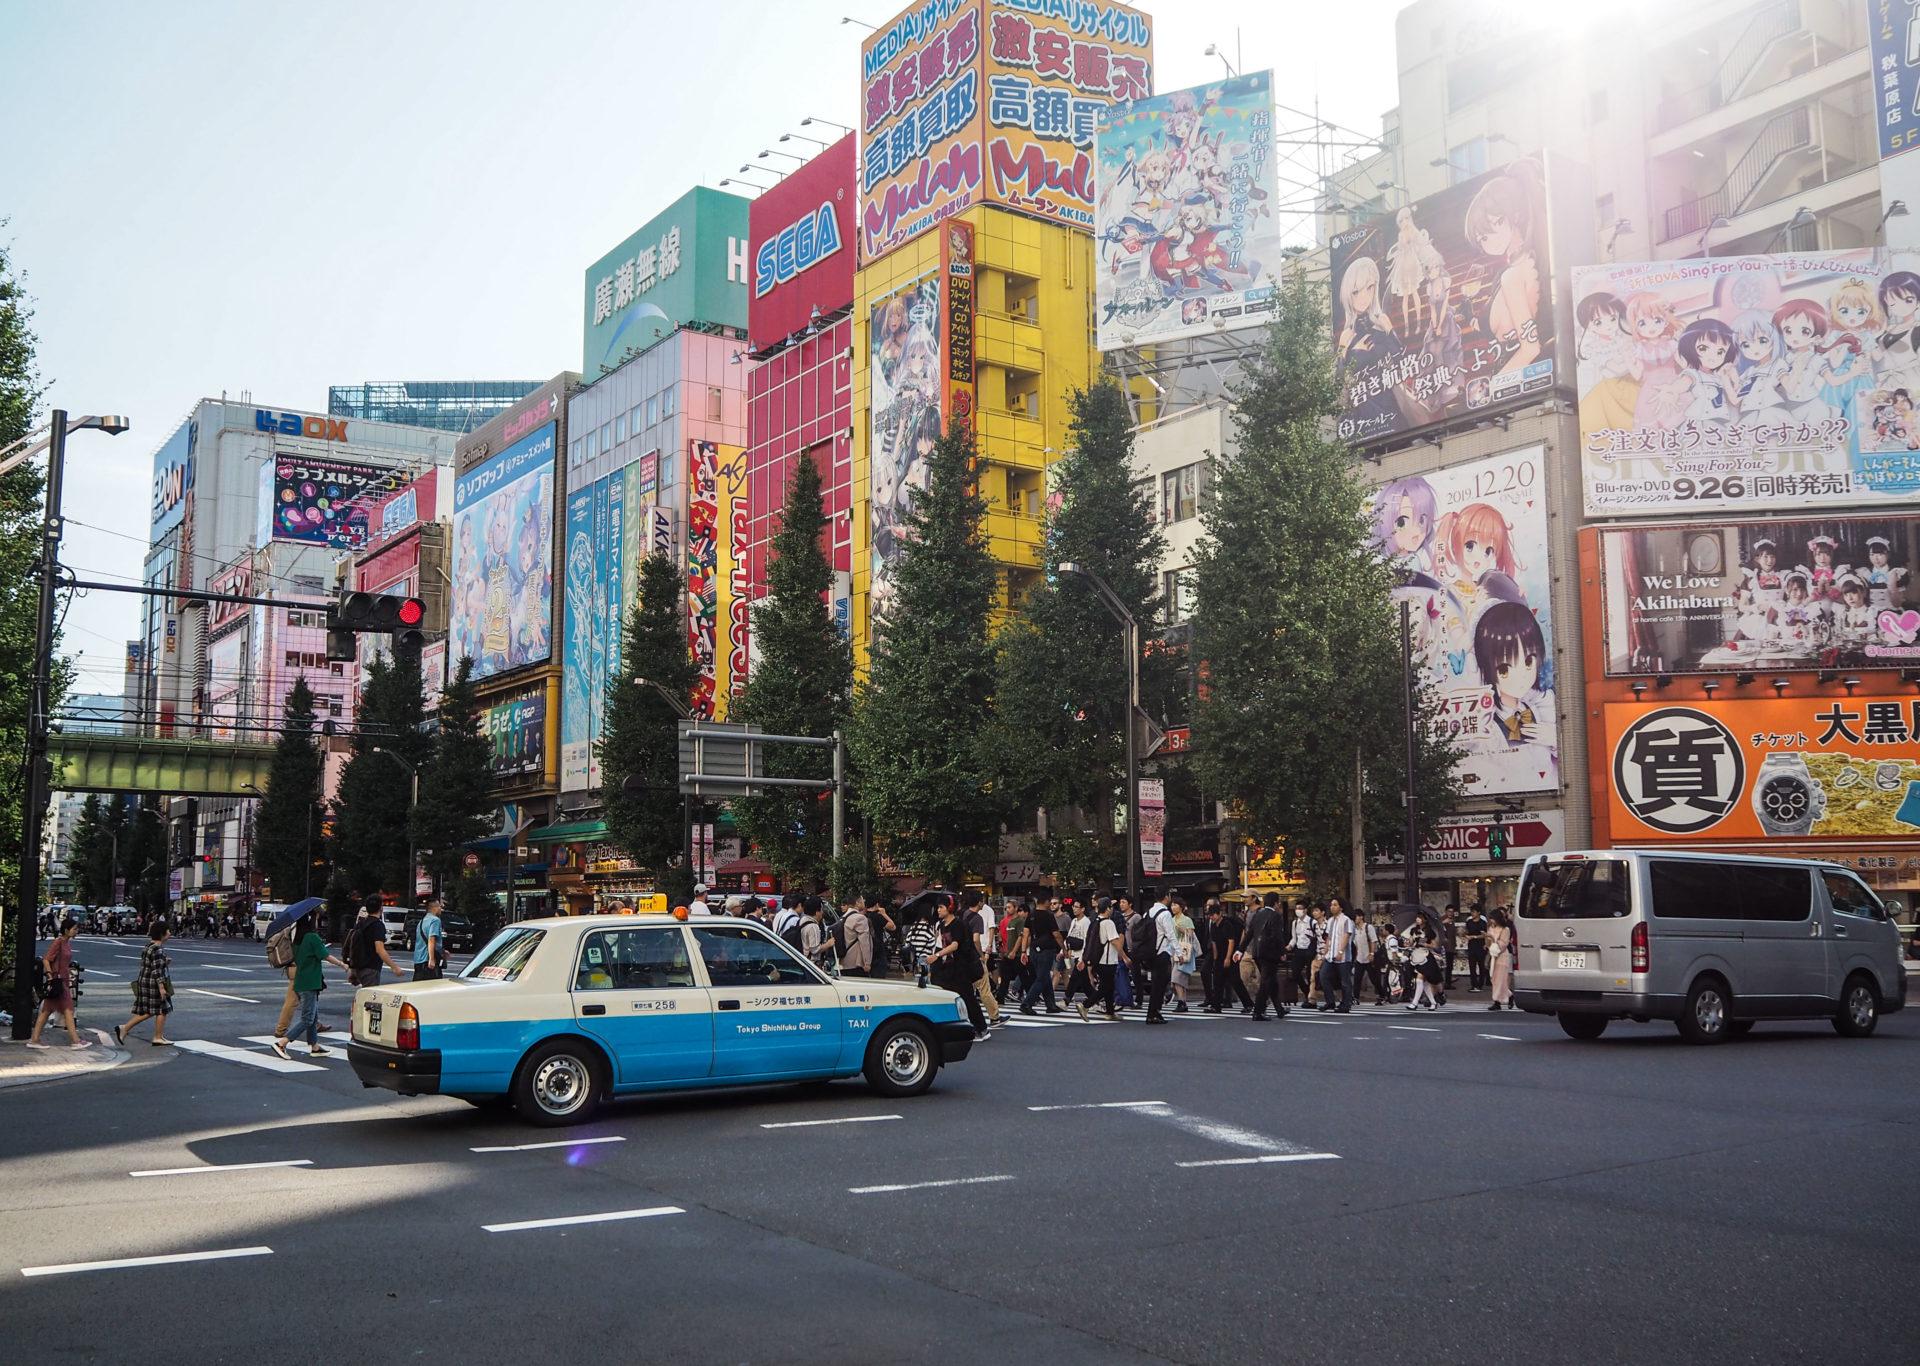 La quartier d'Akihabara à Tokyo - Escale à Tokyo: 24h dans la capitale du Japon - Tokyo en 24h - Récit et itinéraire pour visiter Tokyo en une journée